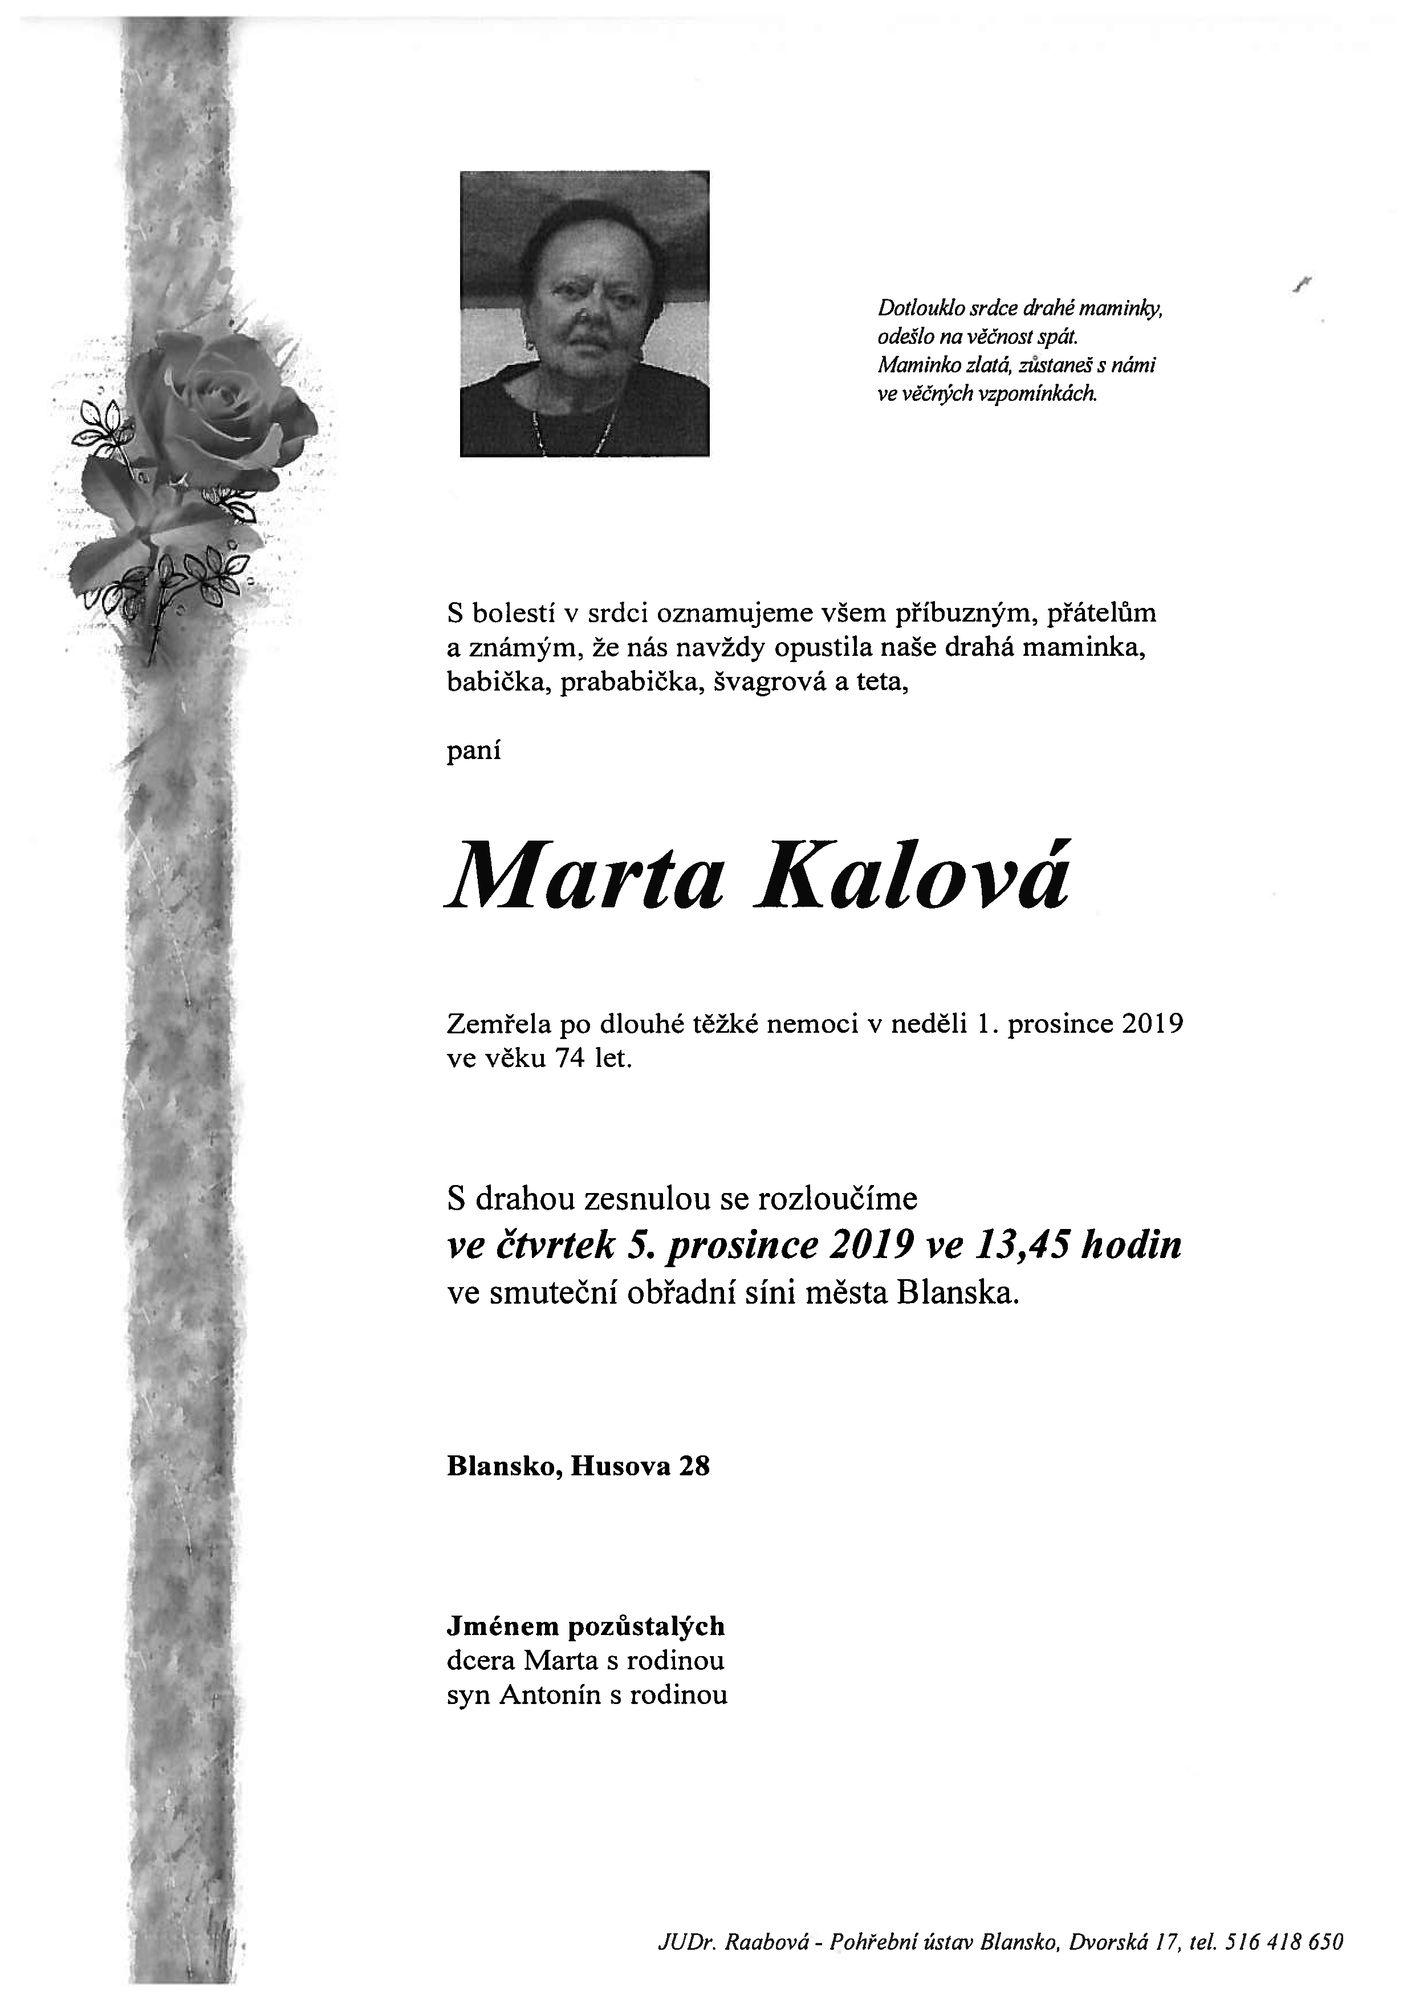 Marta Kalová